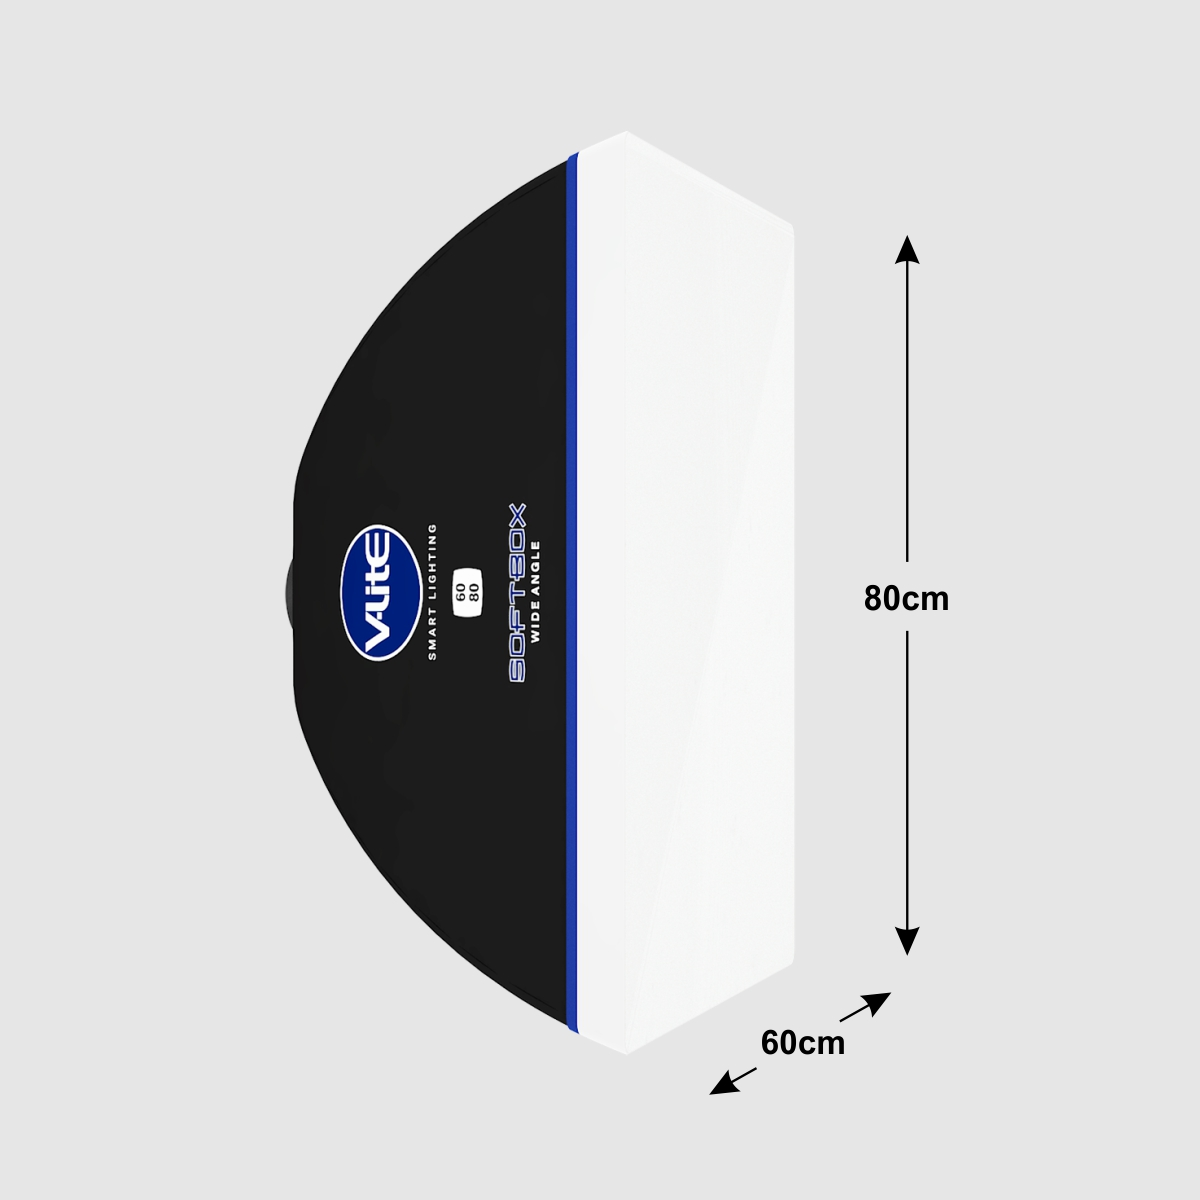 DIFUSOR DE LUZ SOFTBOX WIDE ANGLE 60 X 80 V-LITE